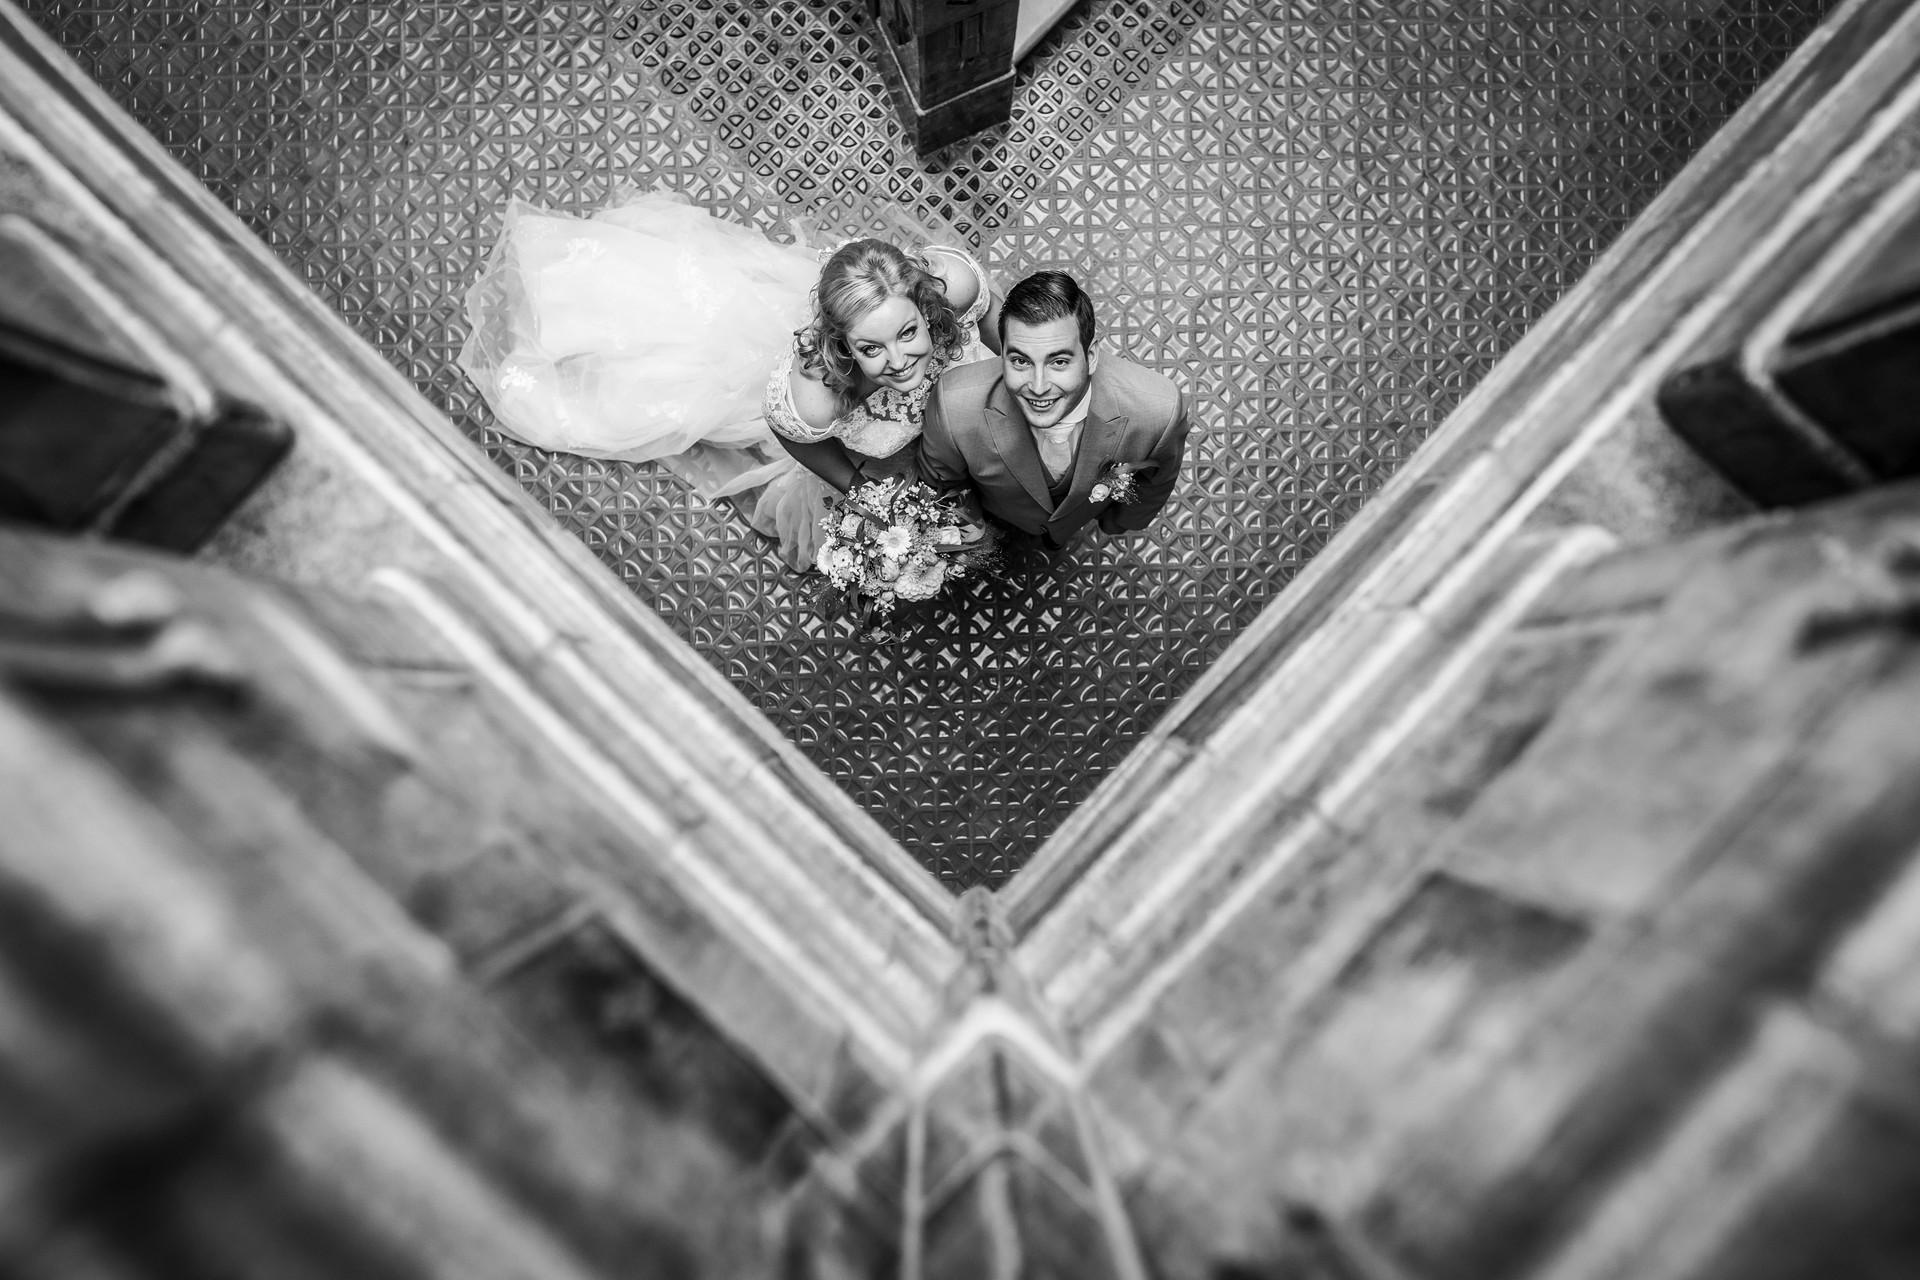 Trouwfoto van de fotoshoot van Roy & Elise